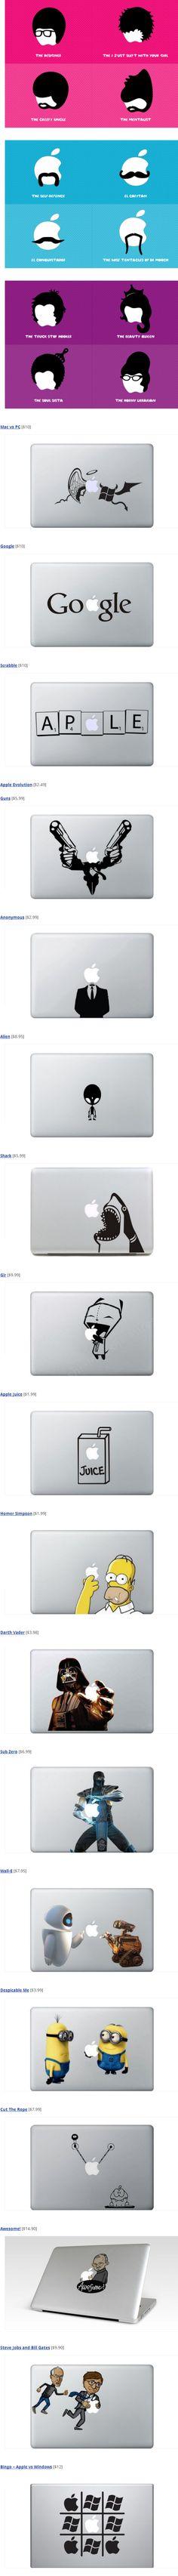 Des stickers en pagaille pour MacBook > Creanum